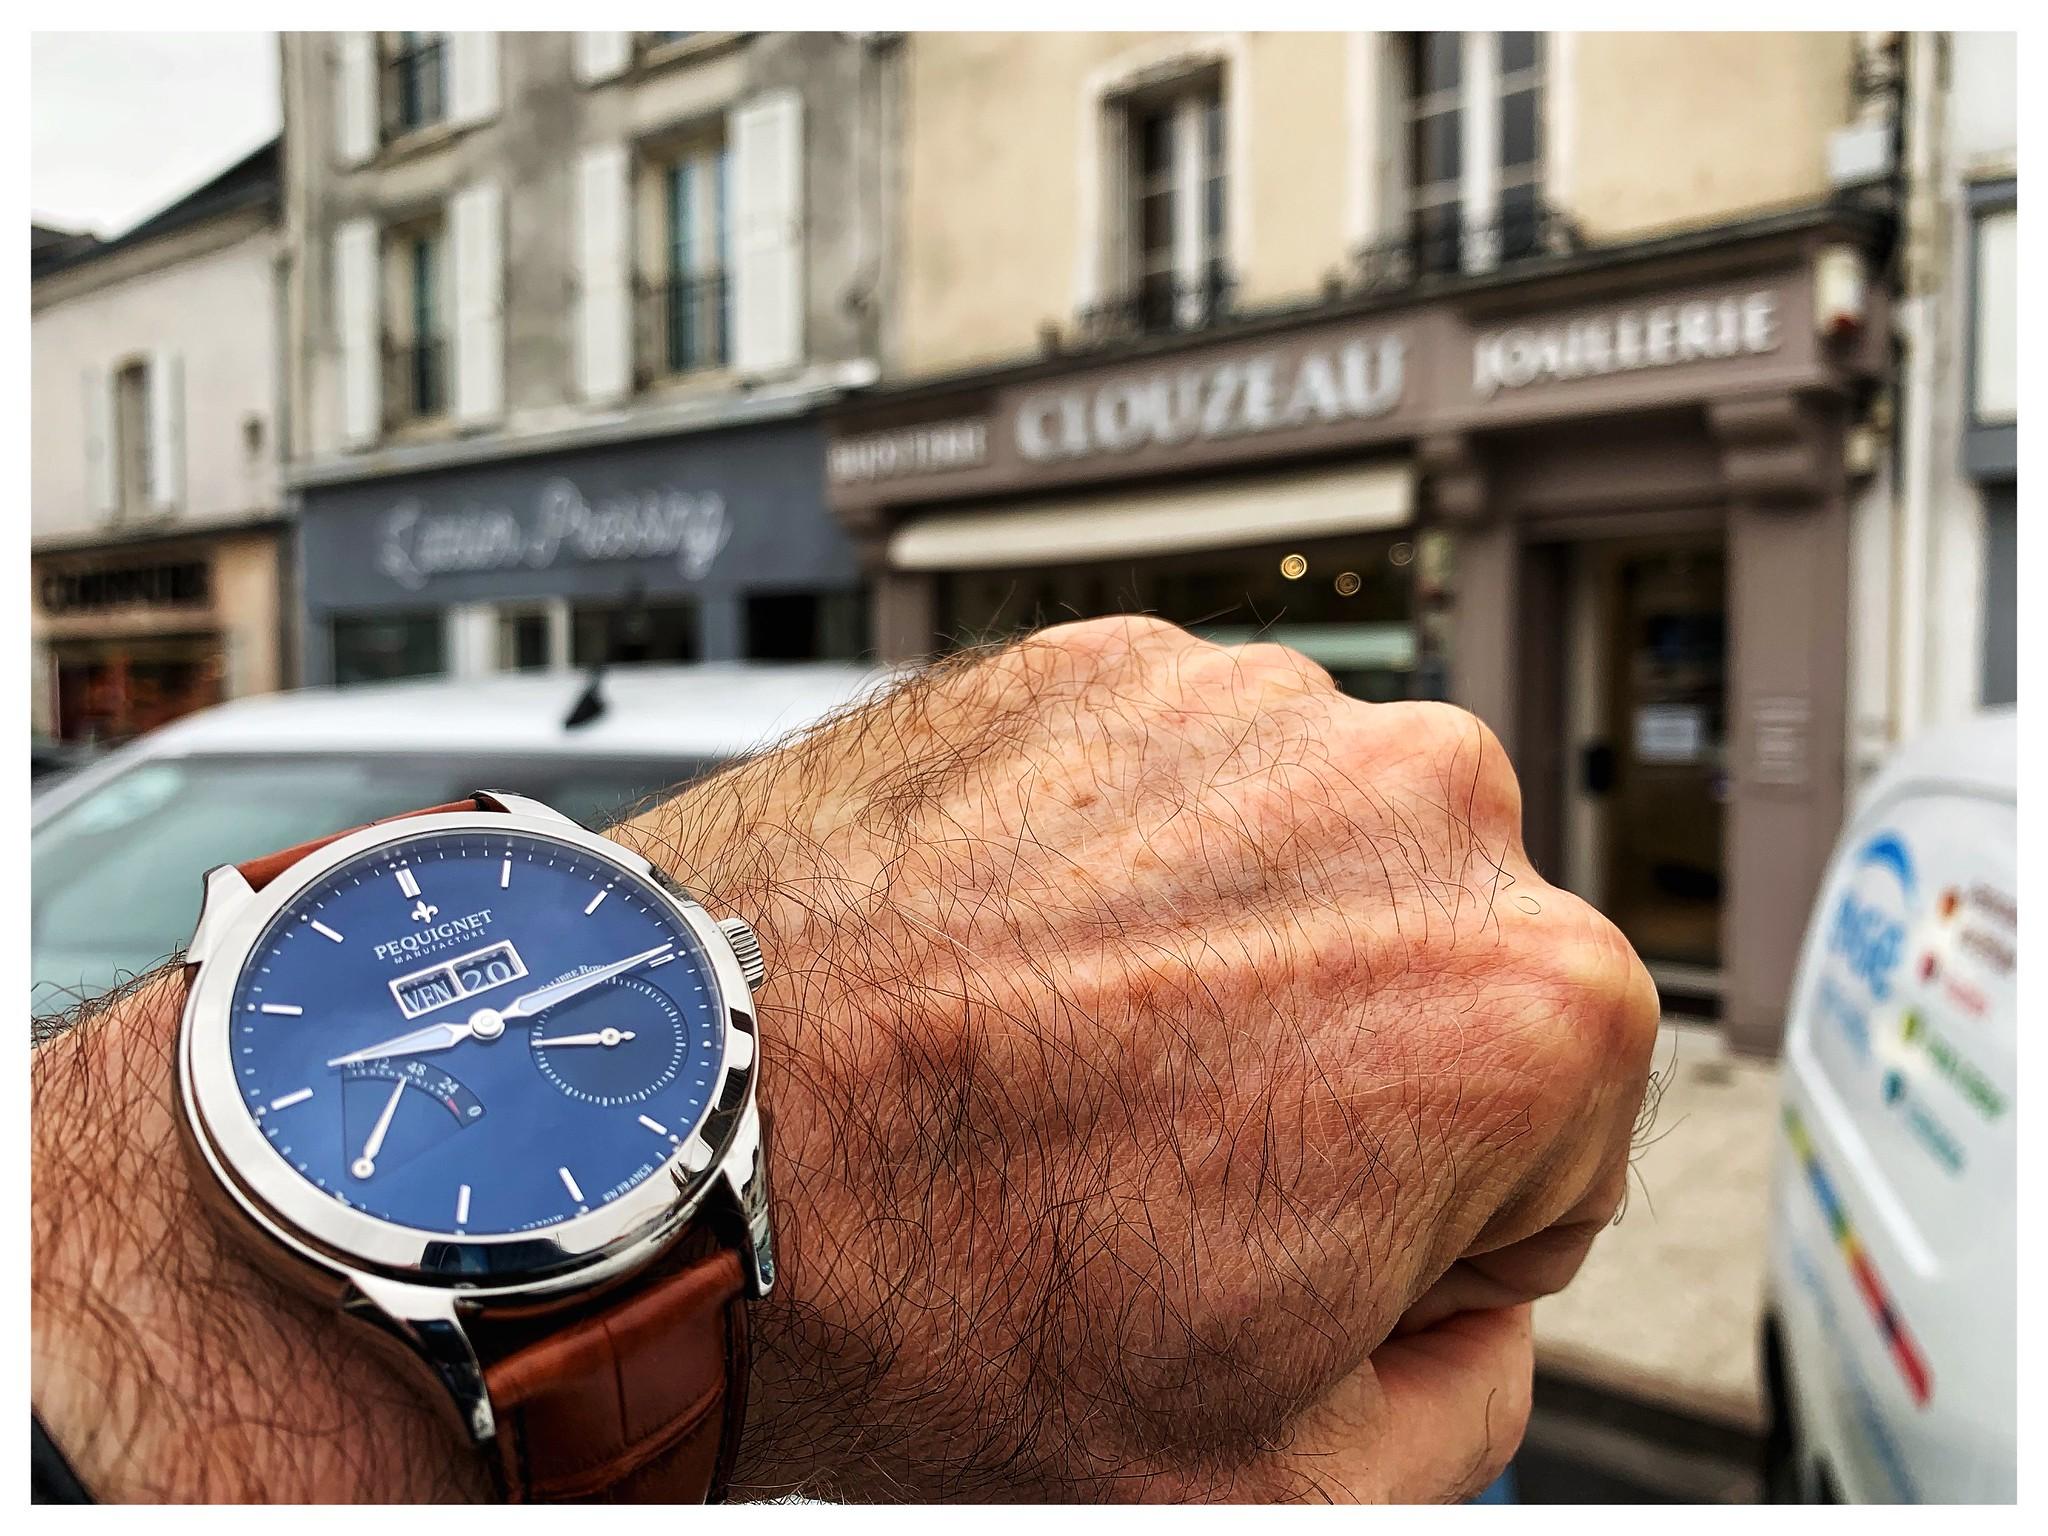 Pequignet Manuf Exclusives et limitées en avant première a la Bourse de Lille... - Page 5 48825969577_9ef82e6759_k